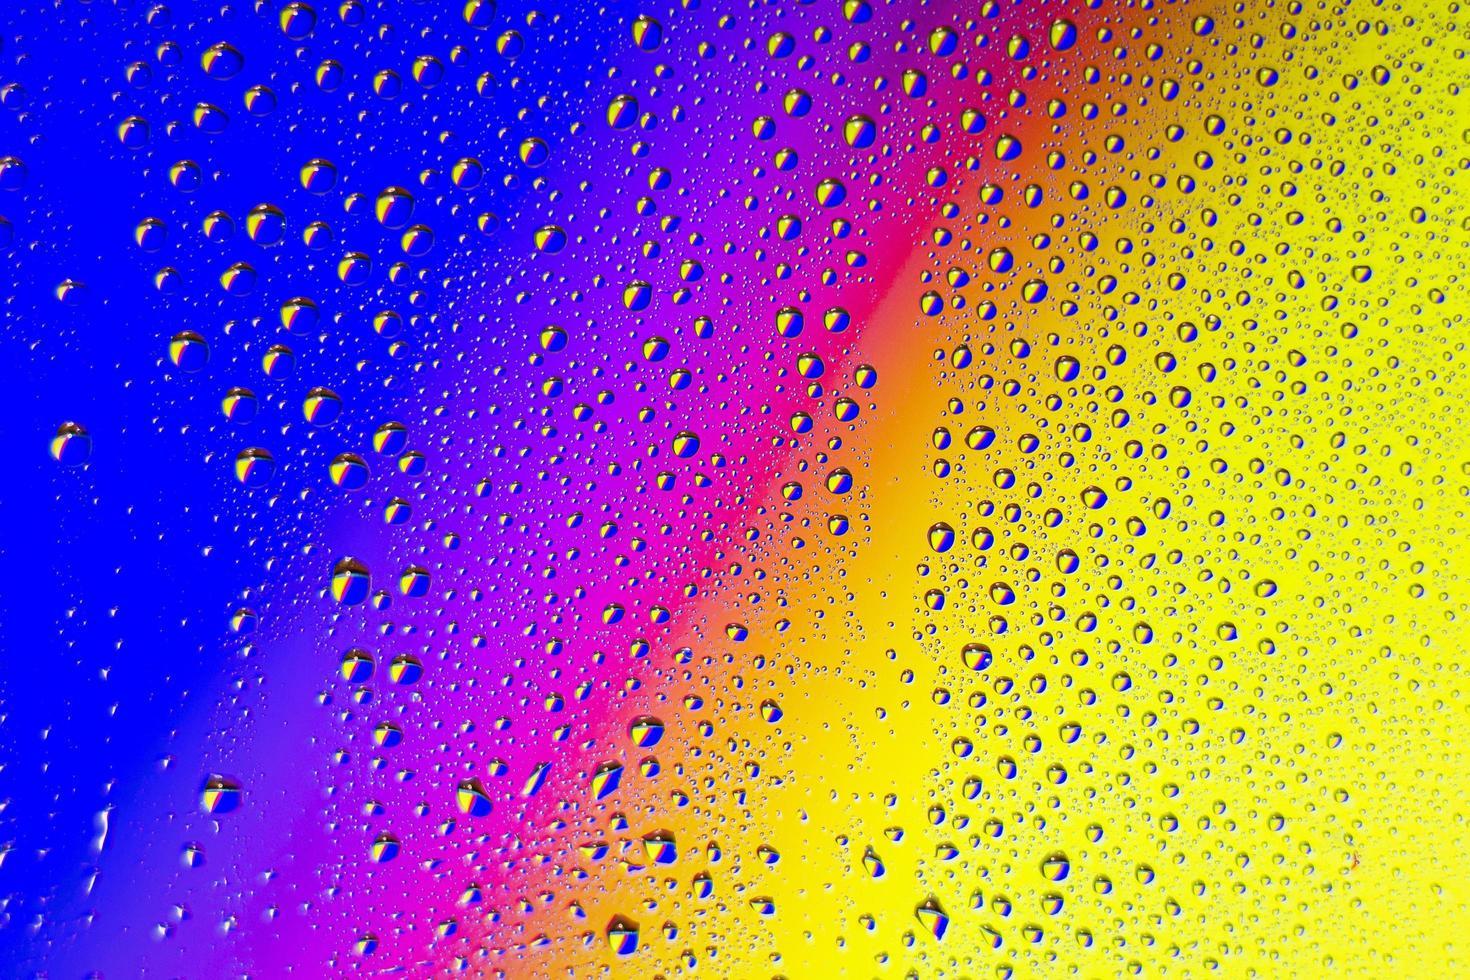 fondo de arco iris con gotas de lluvia foto